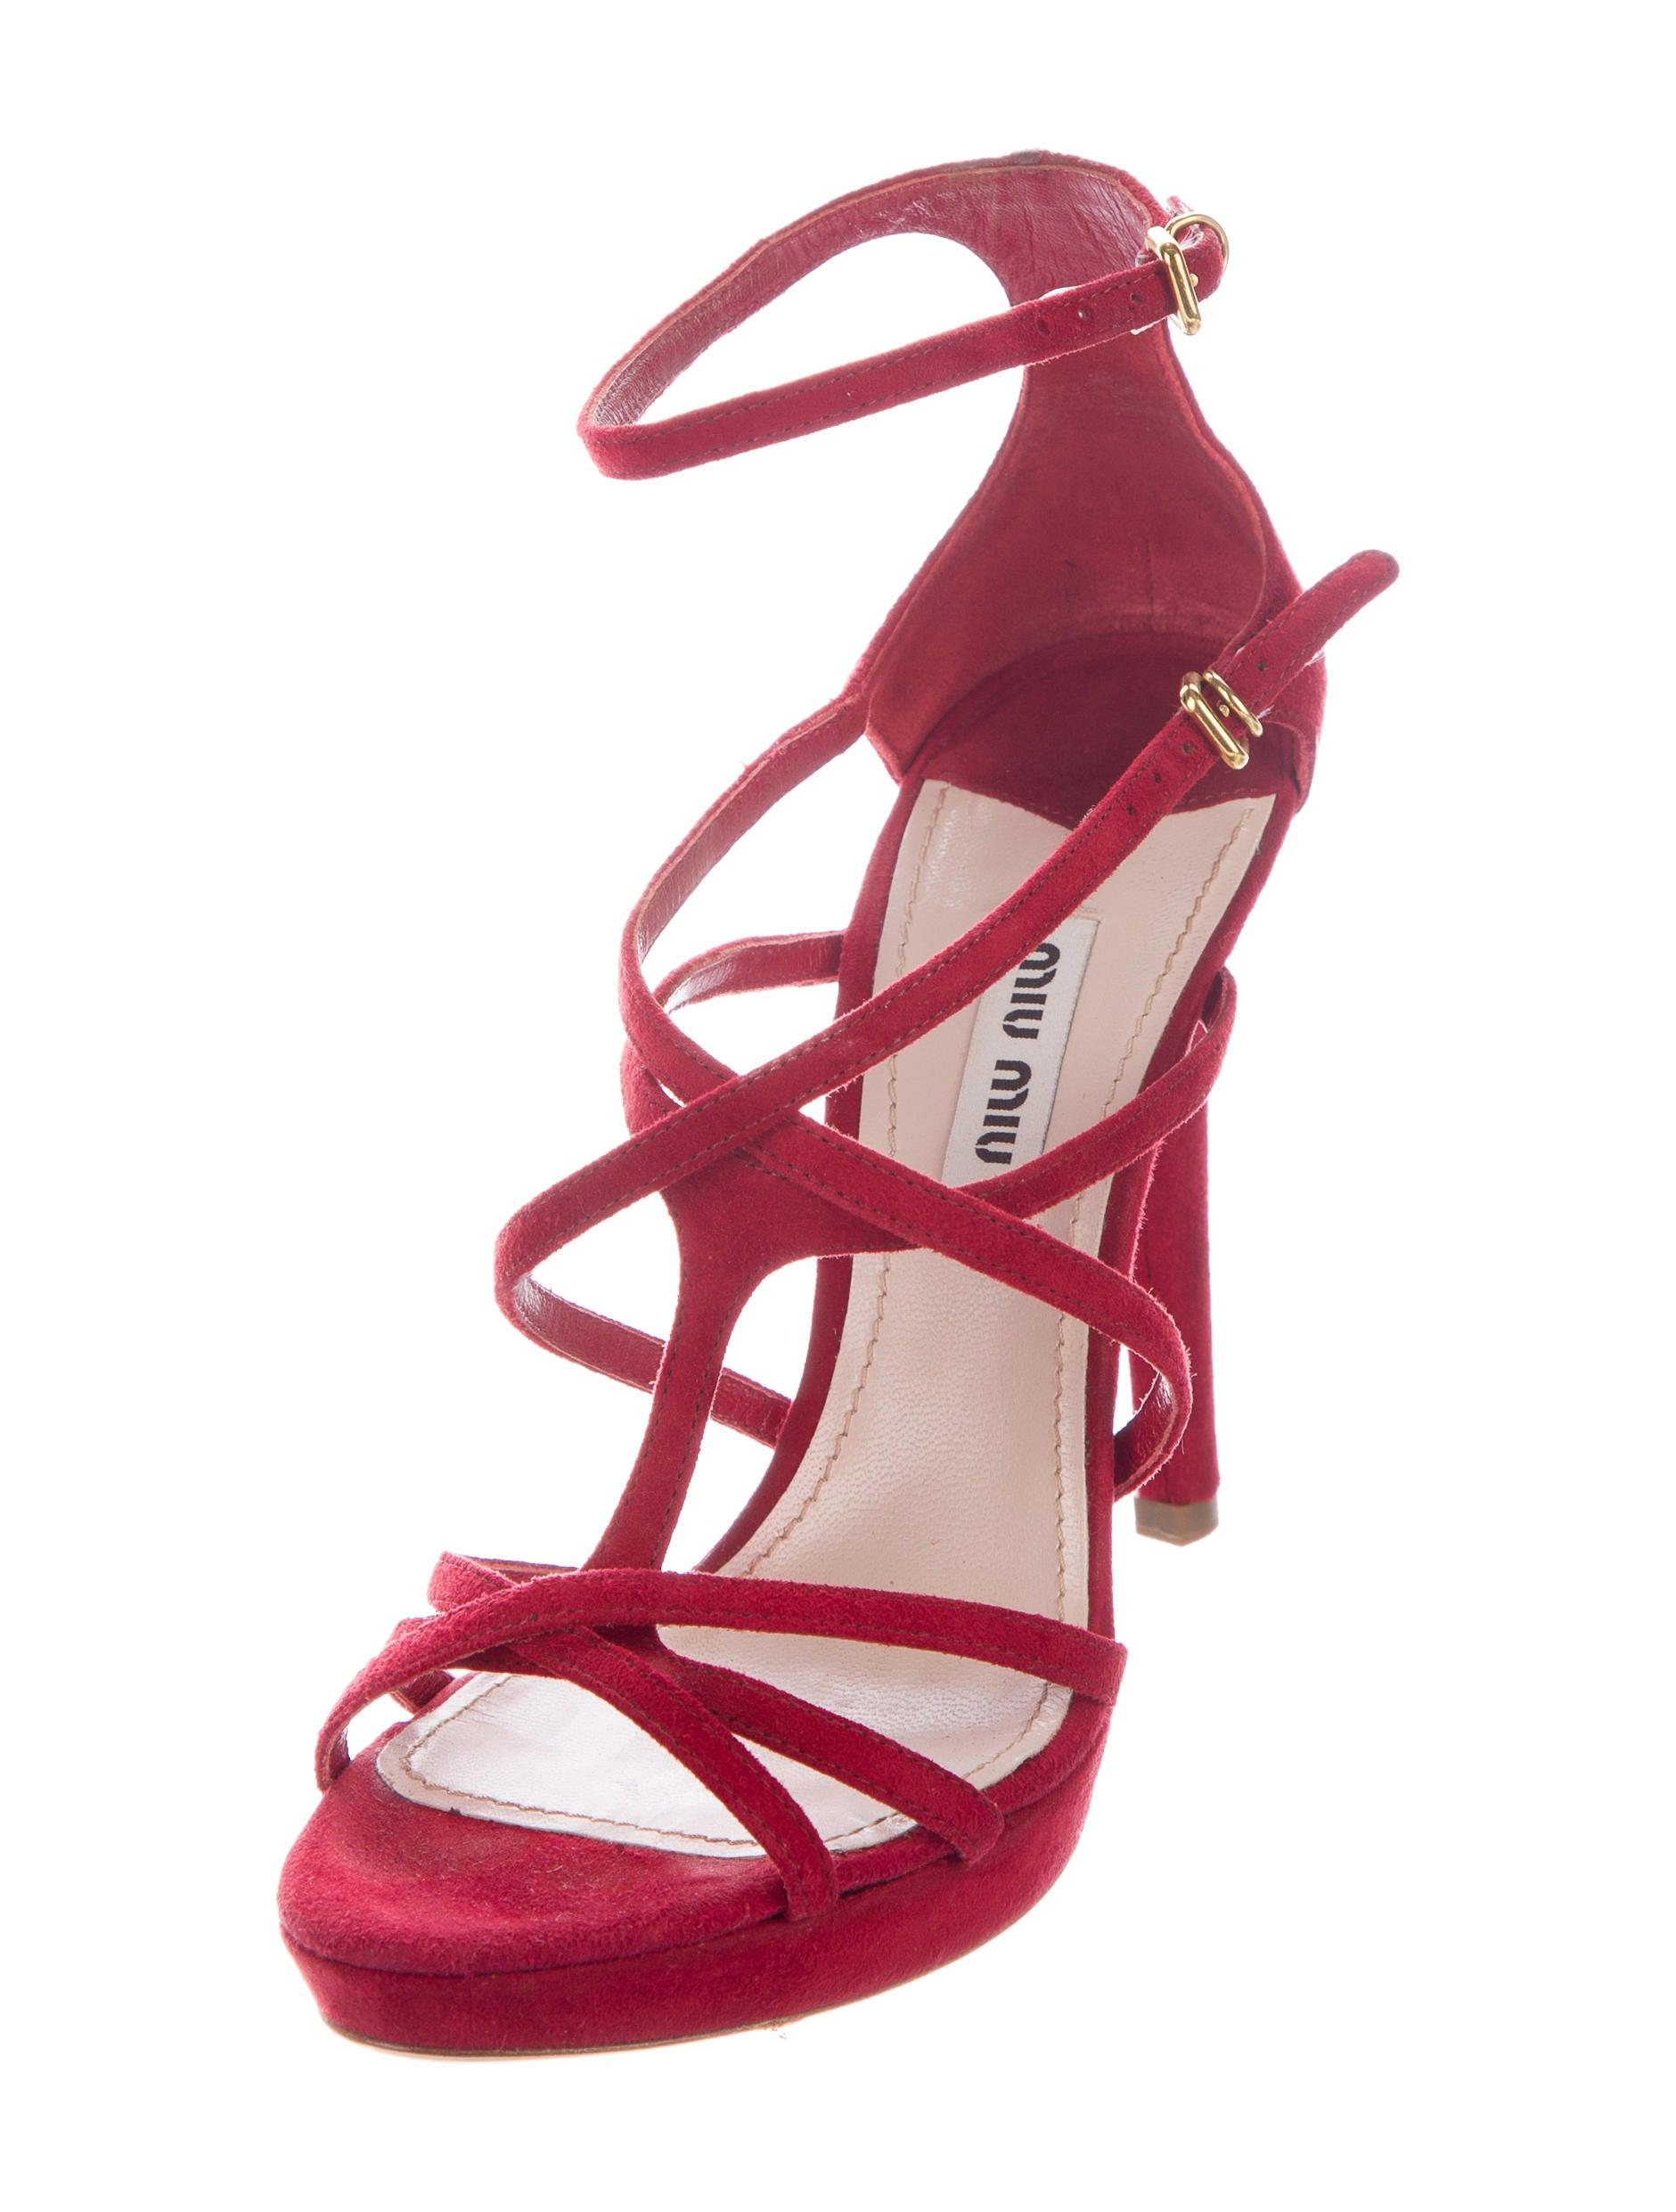 Miu Miu Platform Cage Sandals - Shoes